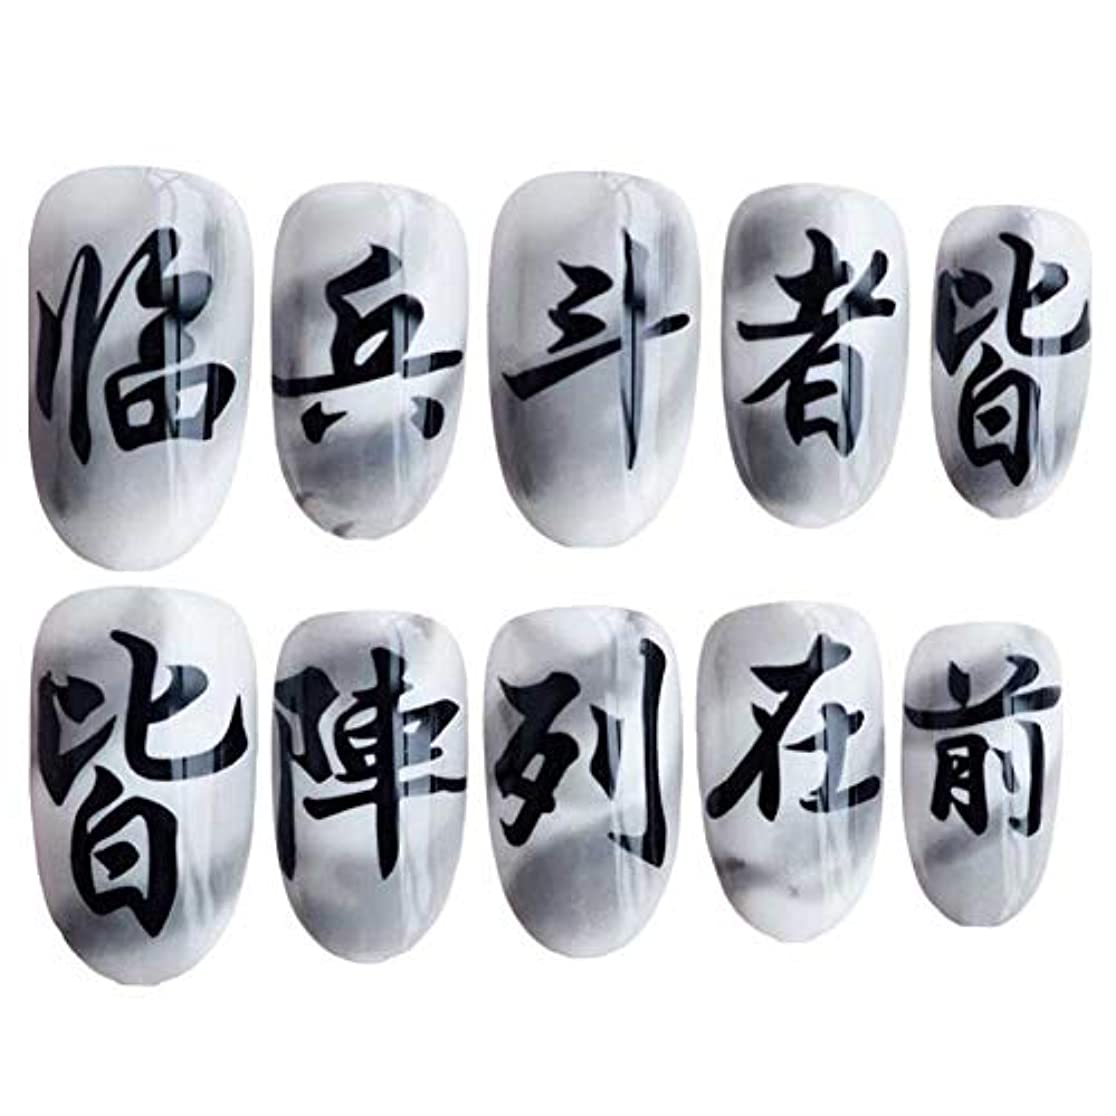 睡眠ゲストいま中国語文字灰色/白い偽爪爪人工爪装飾爪のヒント